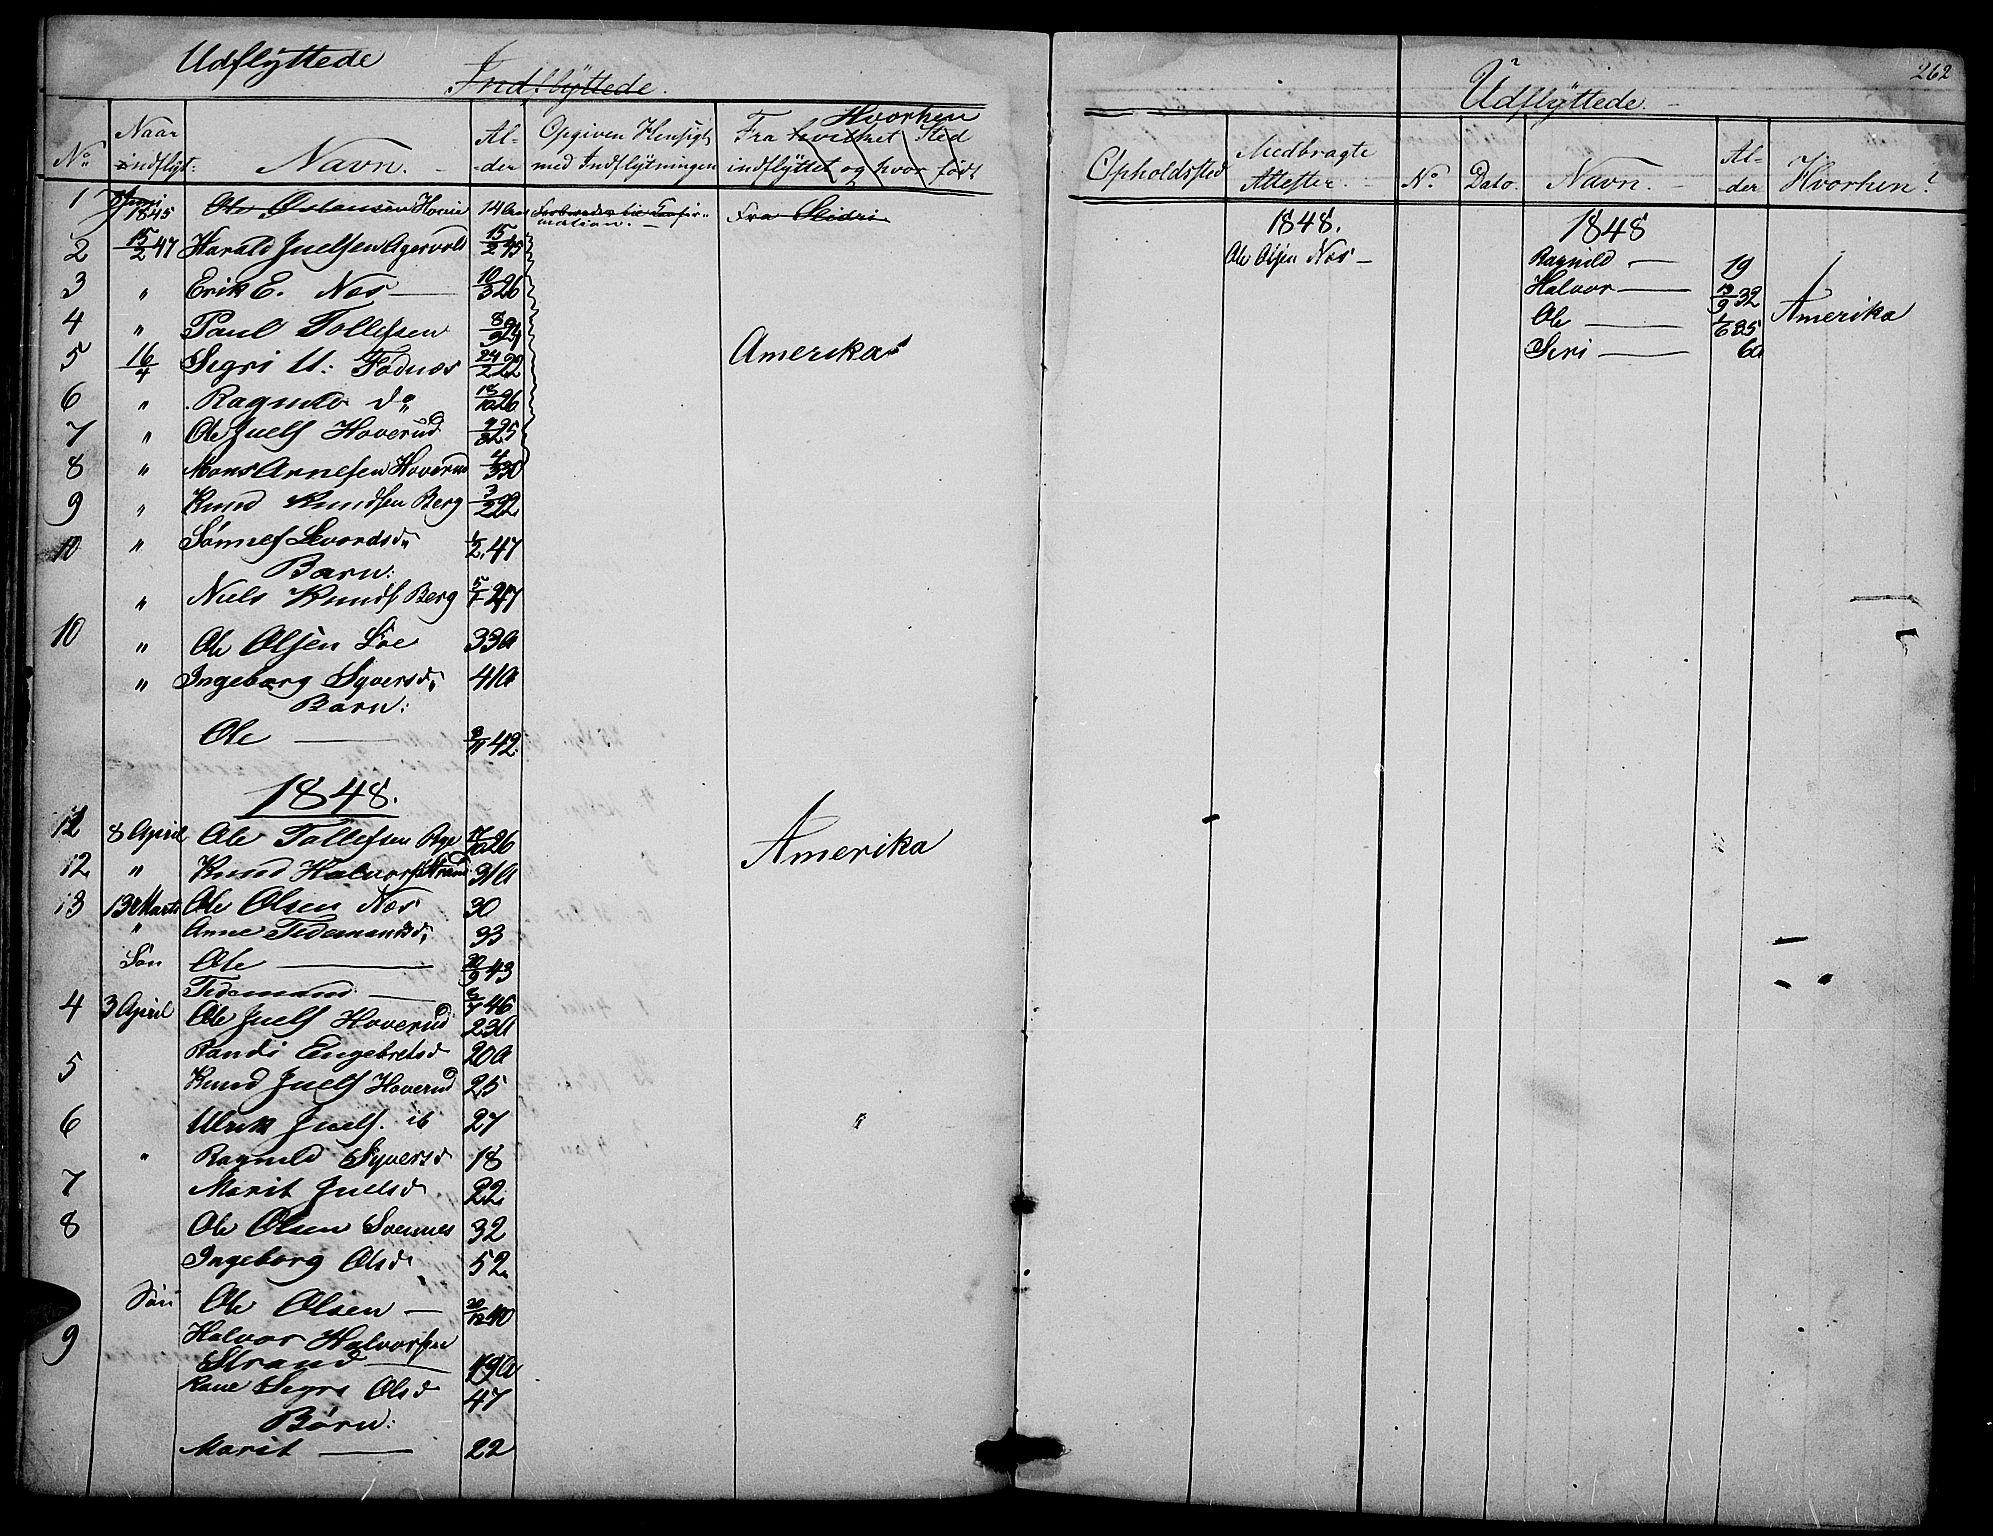 SAH, Nord-Aurdal prestekontor, Klokkerbok nr. 3, 1842-1882, s. 262